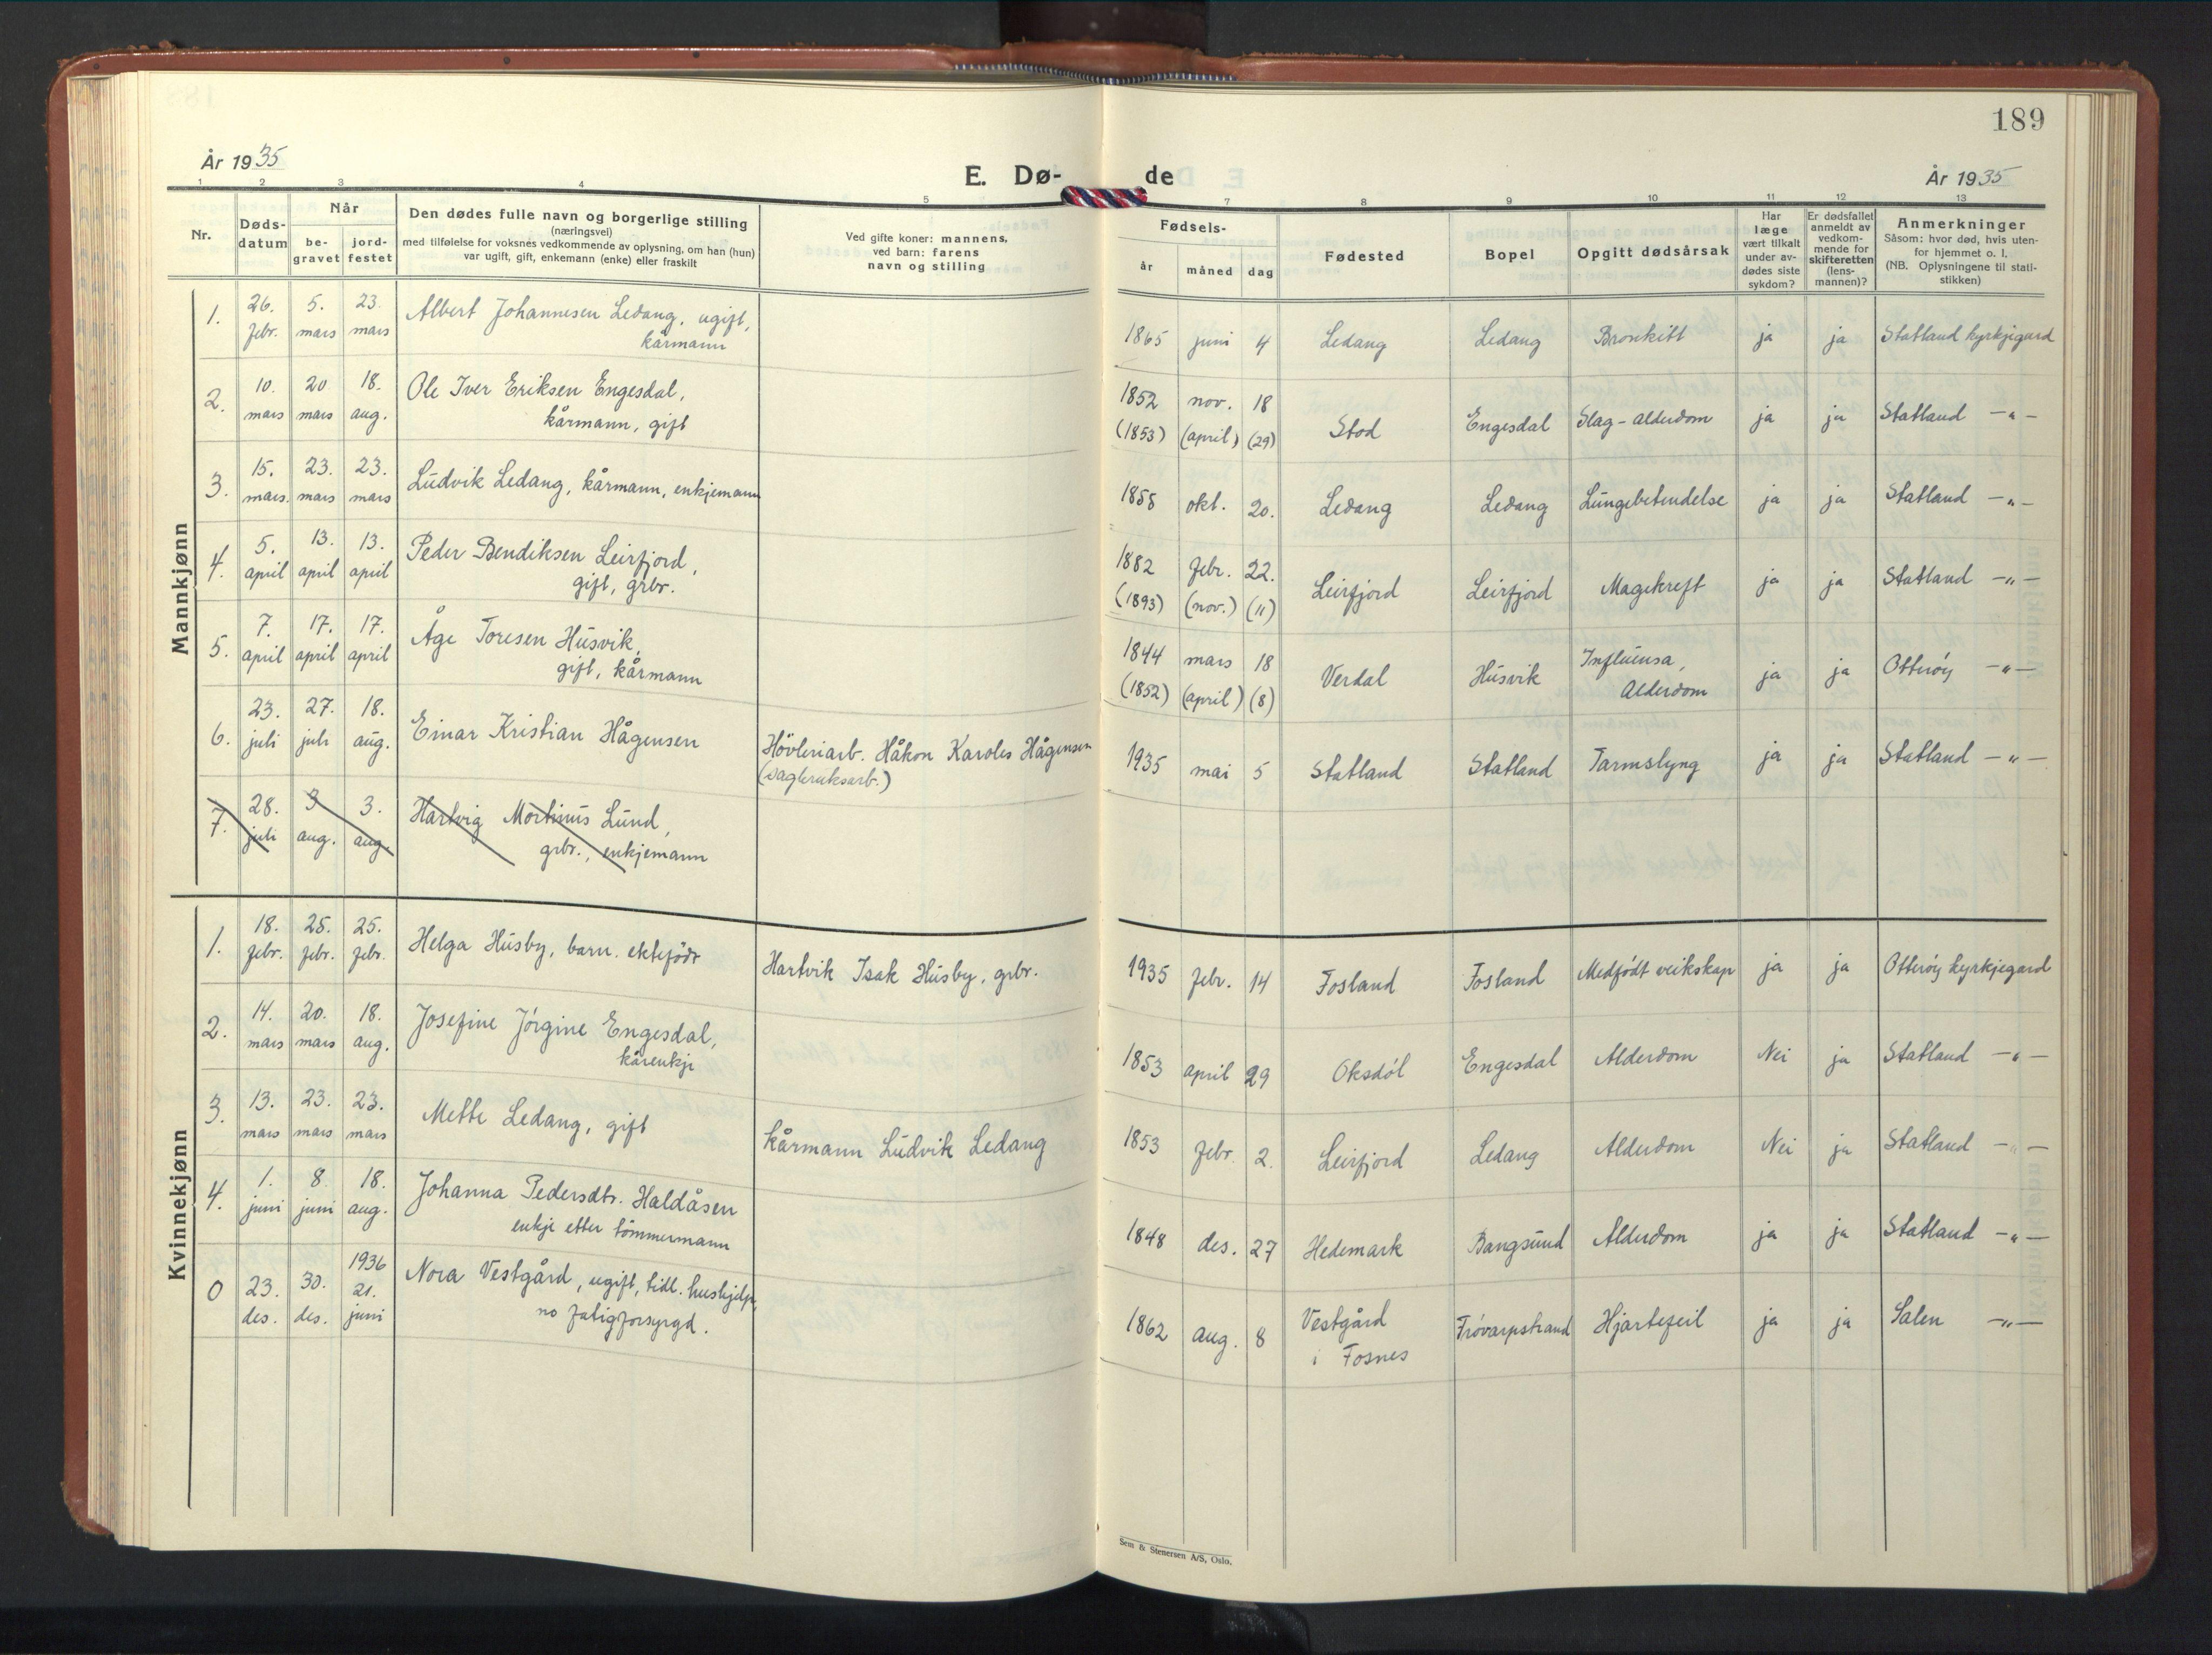 SAT, Ministerialprotokoller, klokkerbøker og fødselsregistre - Nord-Trøndelag, 774/L0631: Klokkerbok nr. 774C02, 1934-1950, s. 189